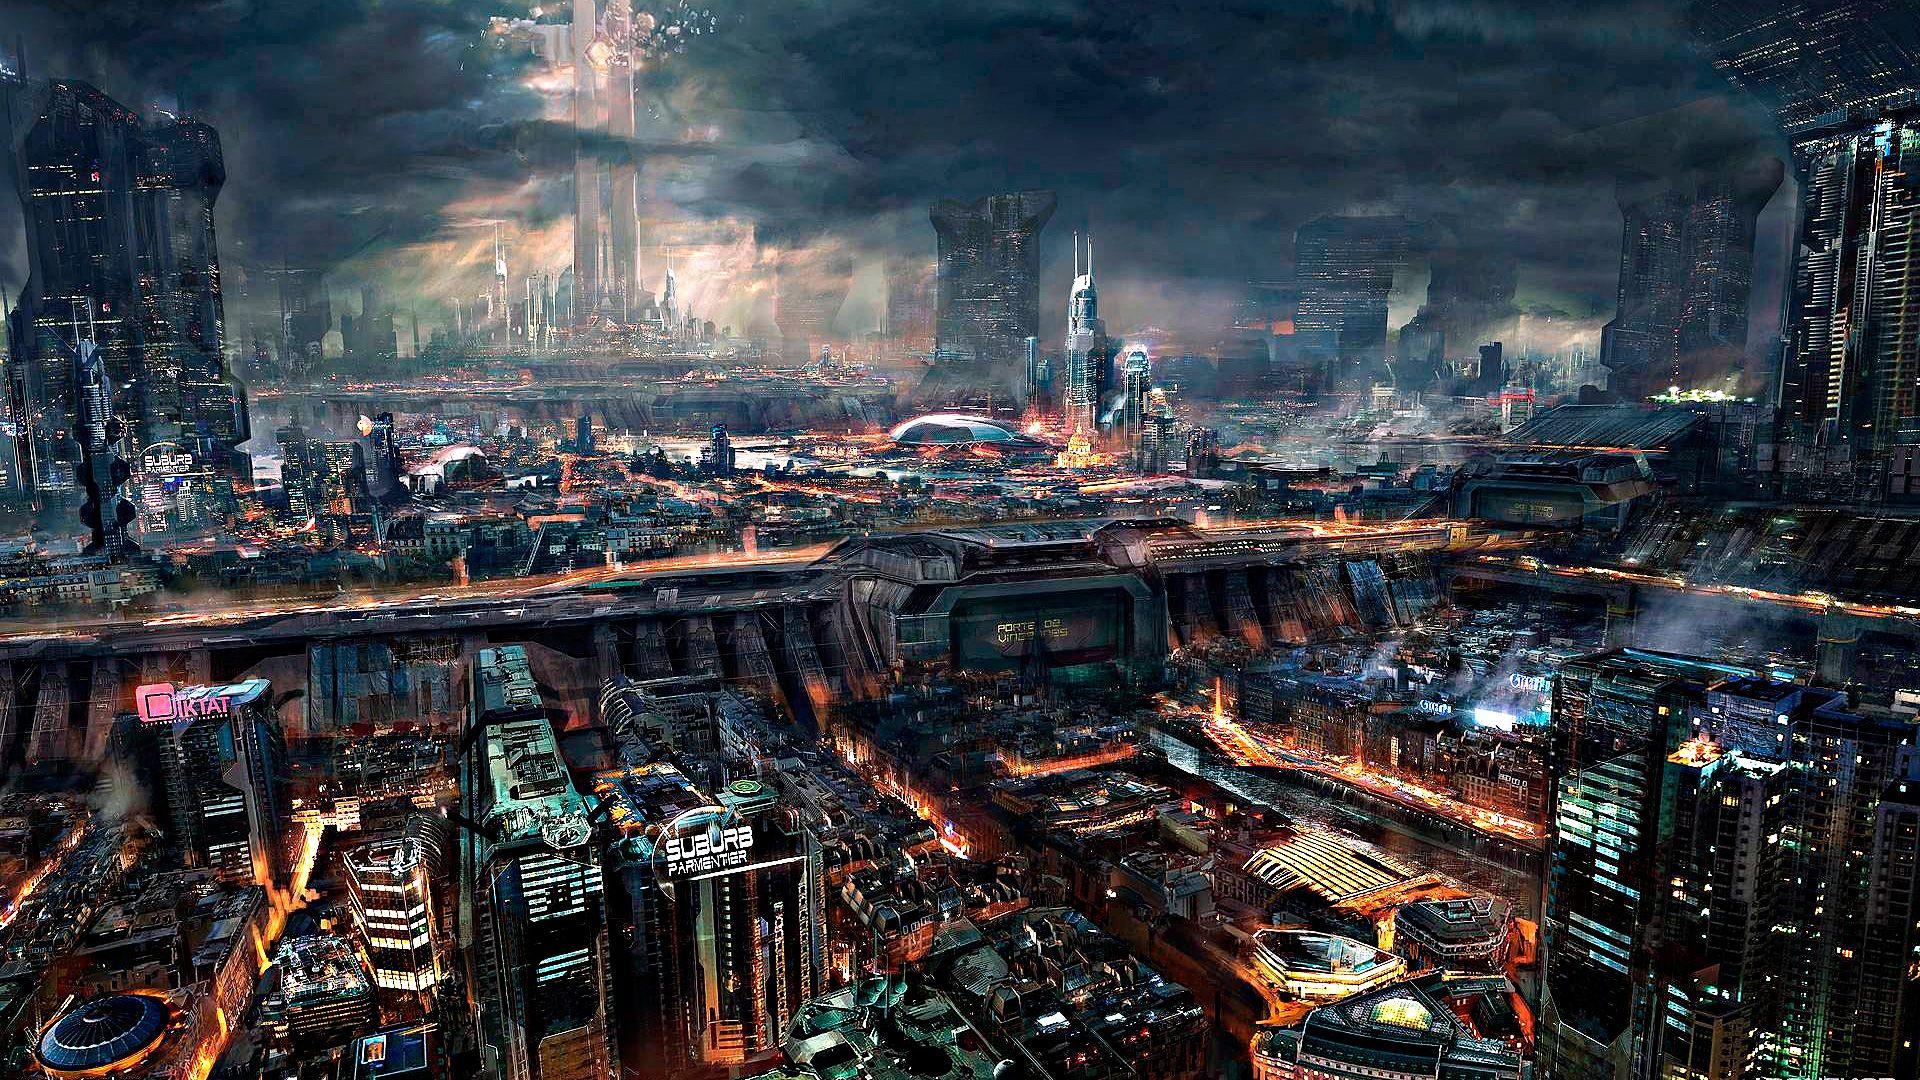 City Computer Wallpapers Desktop Backgrounds 1920x1080 Id 213456 Futuristic City Cyberpunk City Cyberpunk Art